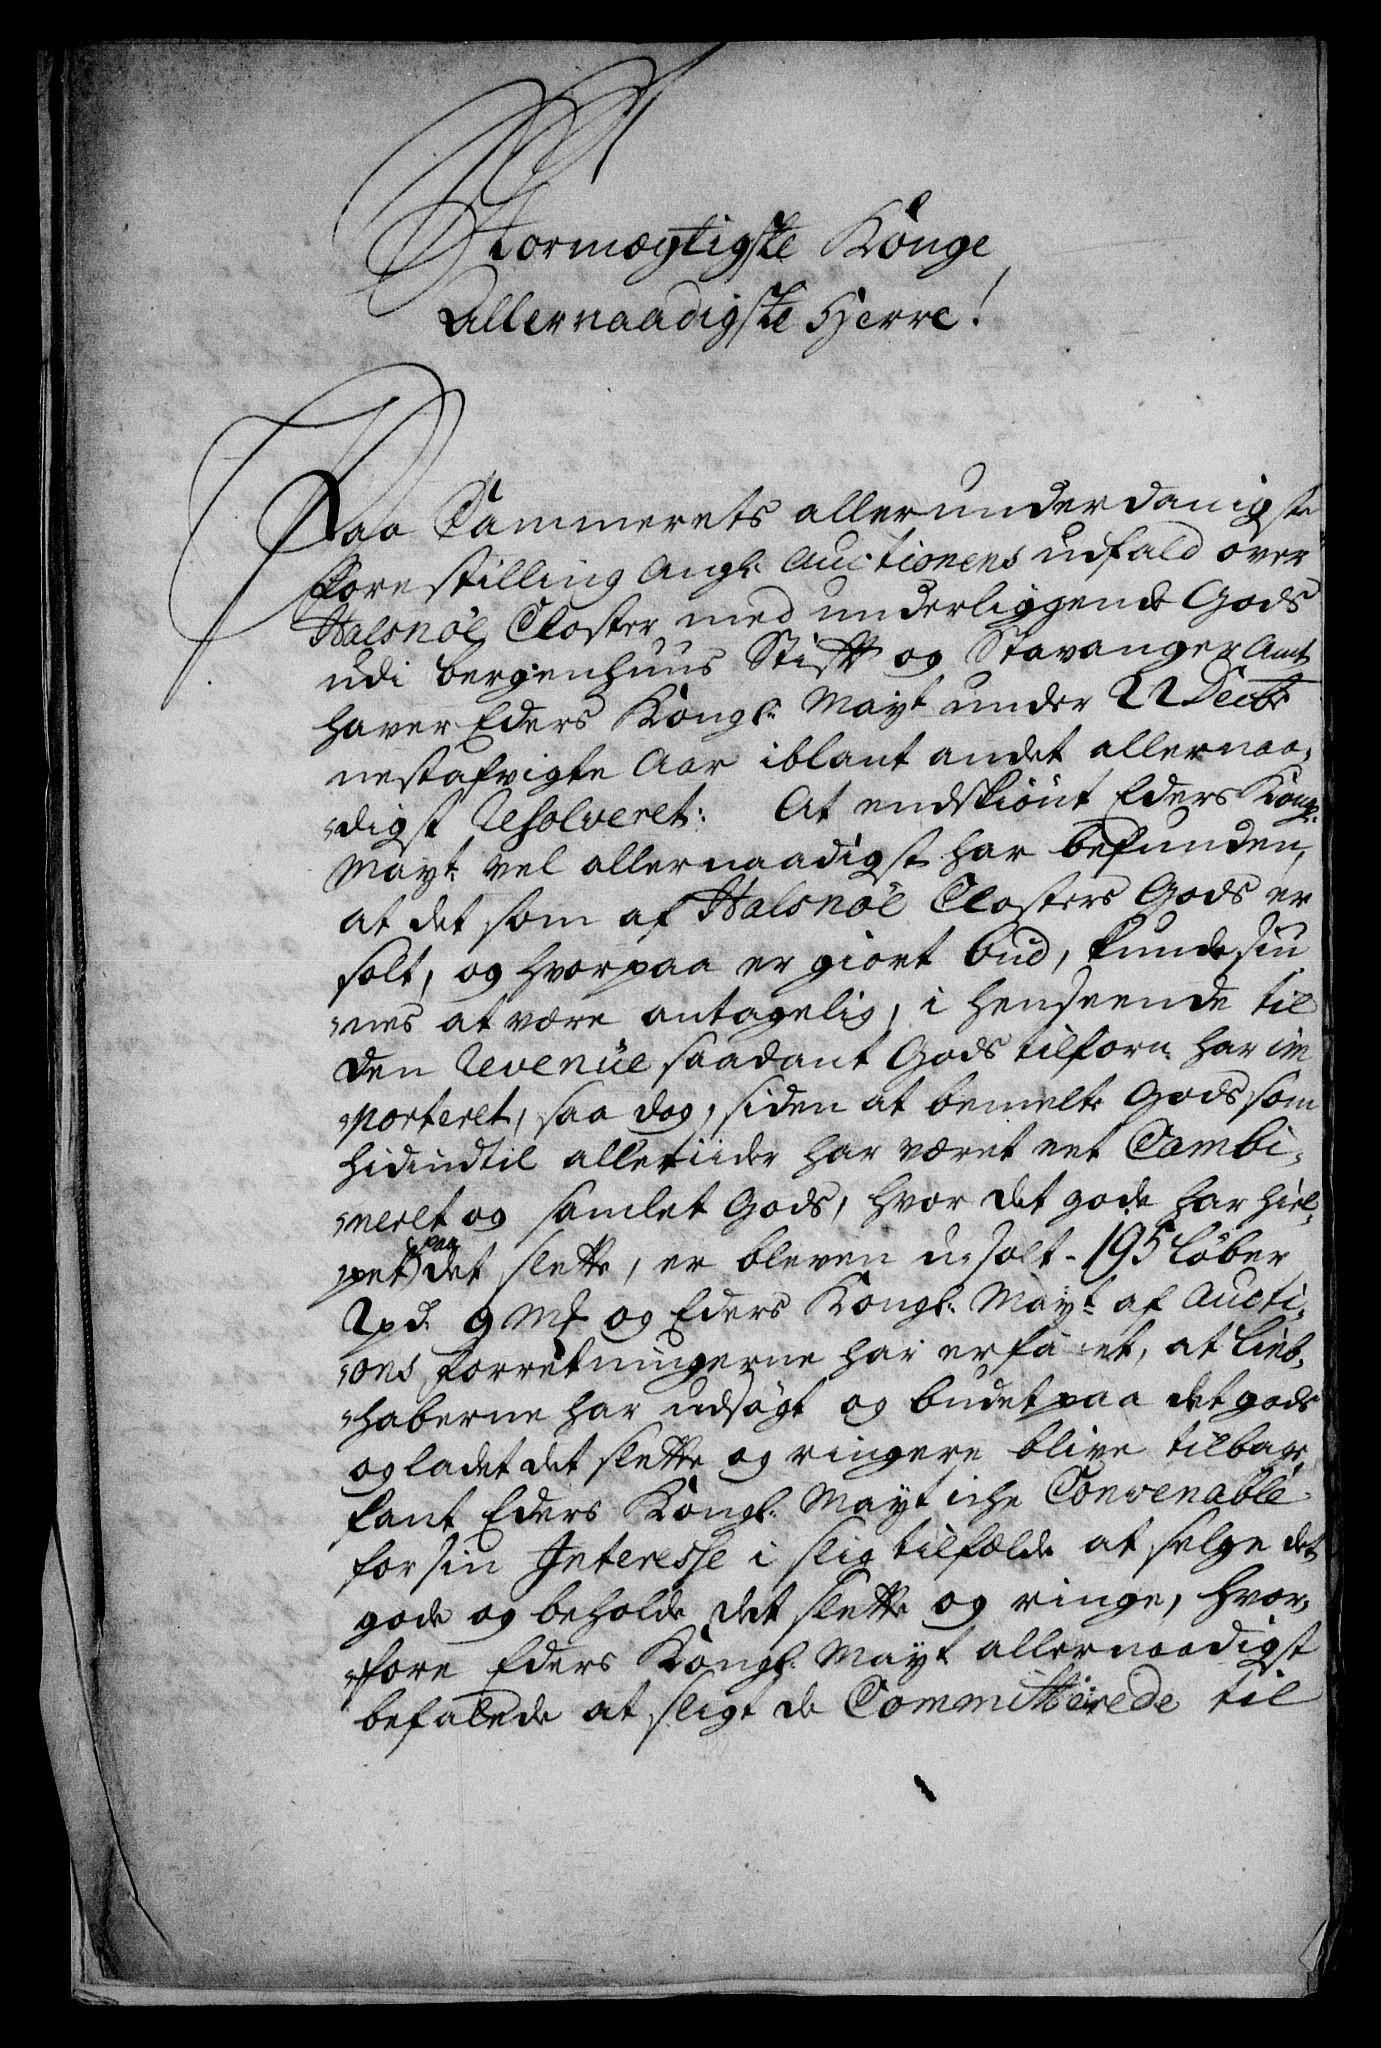 RA, Rentekammeret inntil 1814, Realistisk ordnet avdeling, On/L0003: [Jj 4]: Kommisjonsforretning over Vilhelm Hanssøns forpaktning av Halsnøy klosters gods, 1721-1729, s. 586